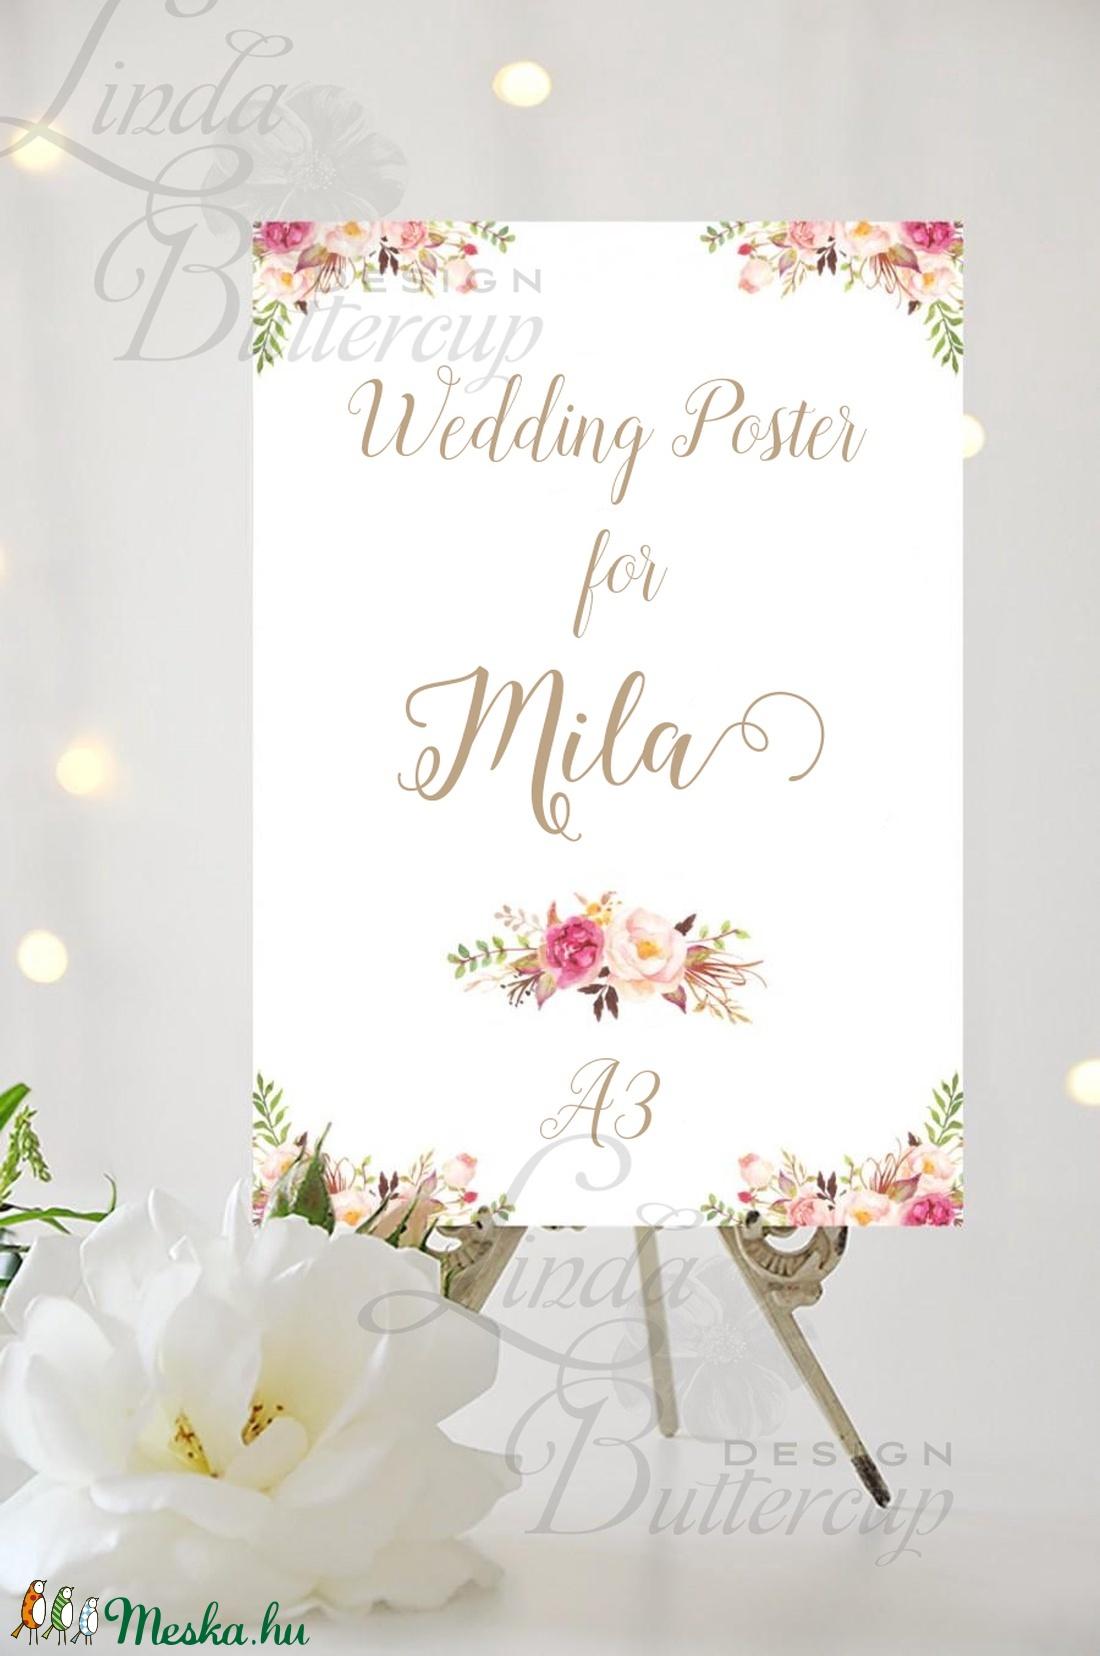 Esküvői Poszter A3, Esküvői kép, Esküvő Dekor, Esküvői felirat, Vintage, Elegáns, Virágos, Vendég (LindaButtercup) - Meska.hu